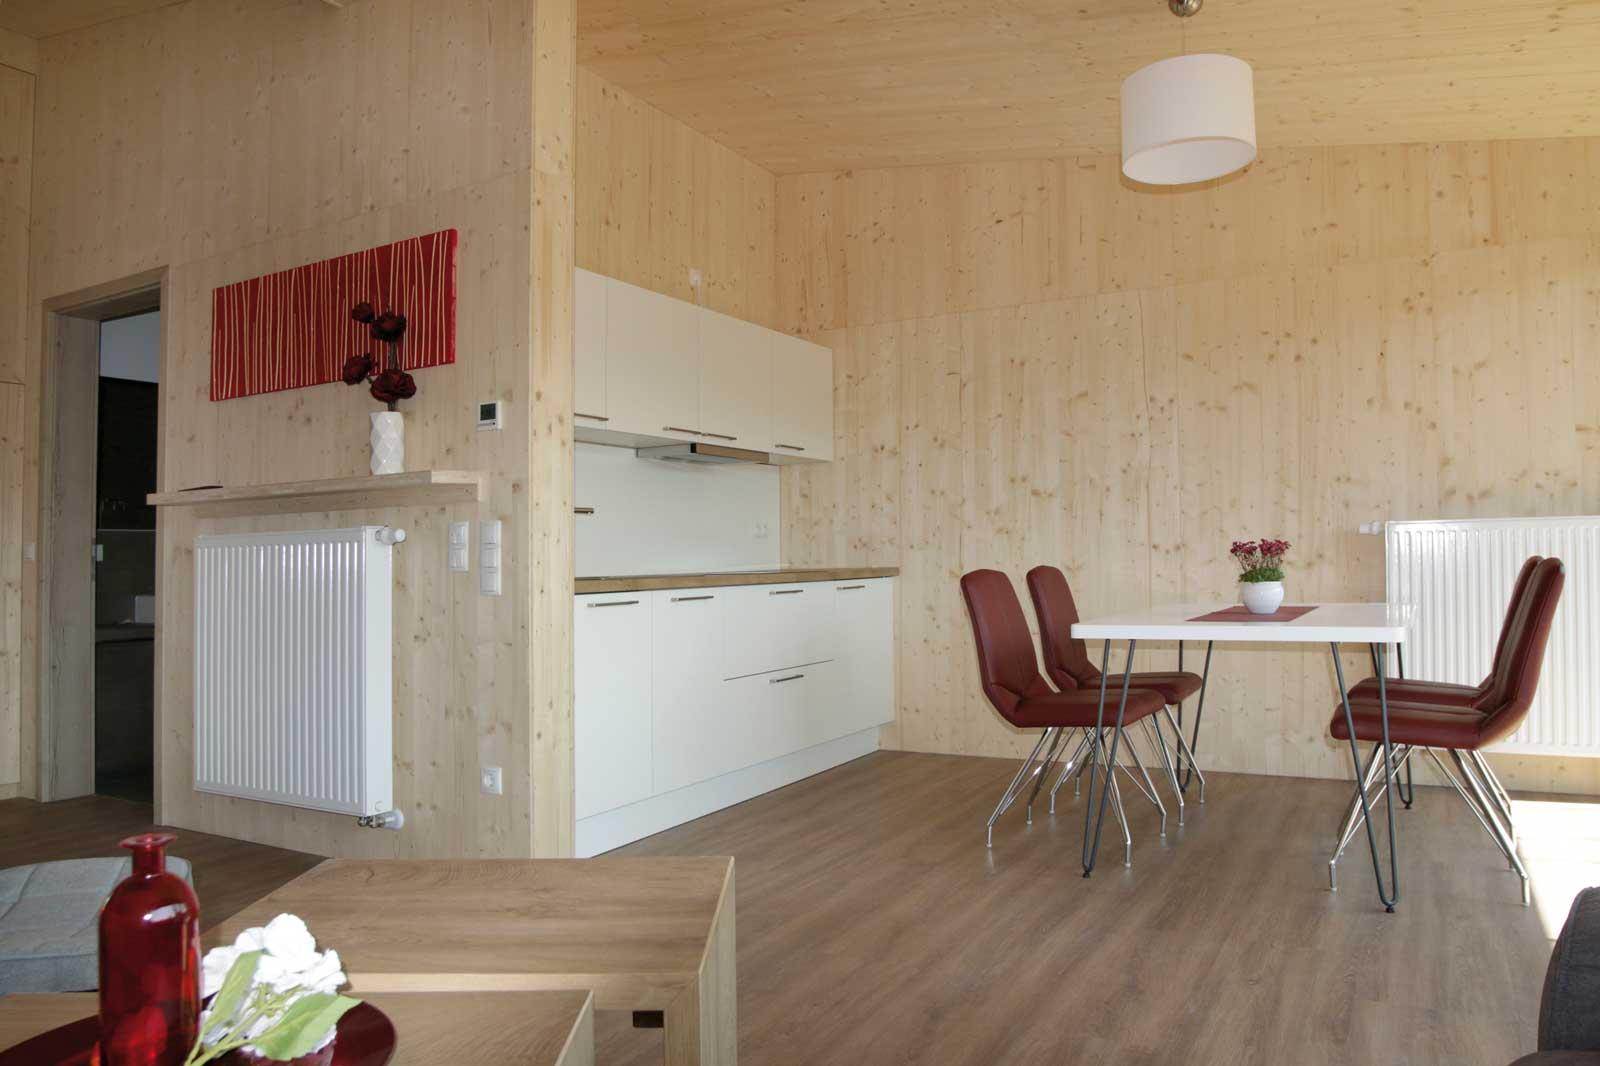 Küchen- und Essbereich in den Steigerwald Apartmens – Ferienwohnungen im Herzen Frankens.